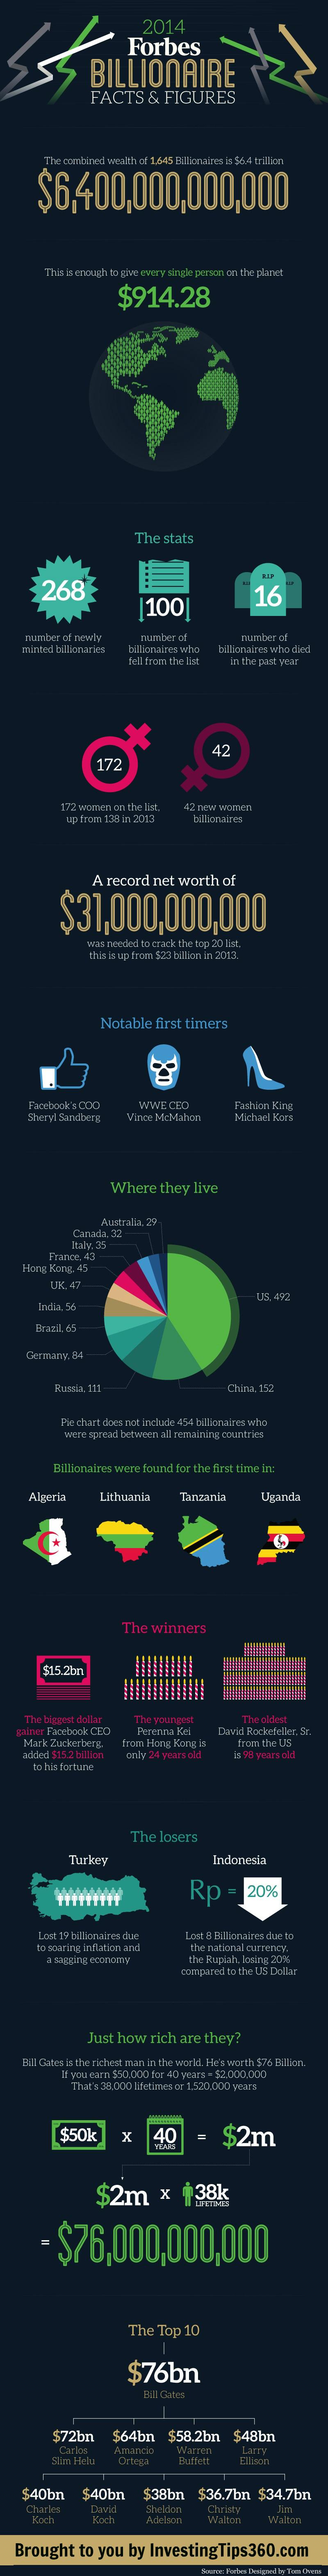 2014 Forbes Billionaire List Facts & Figures